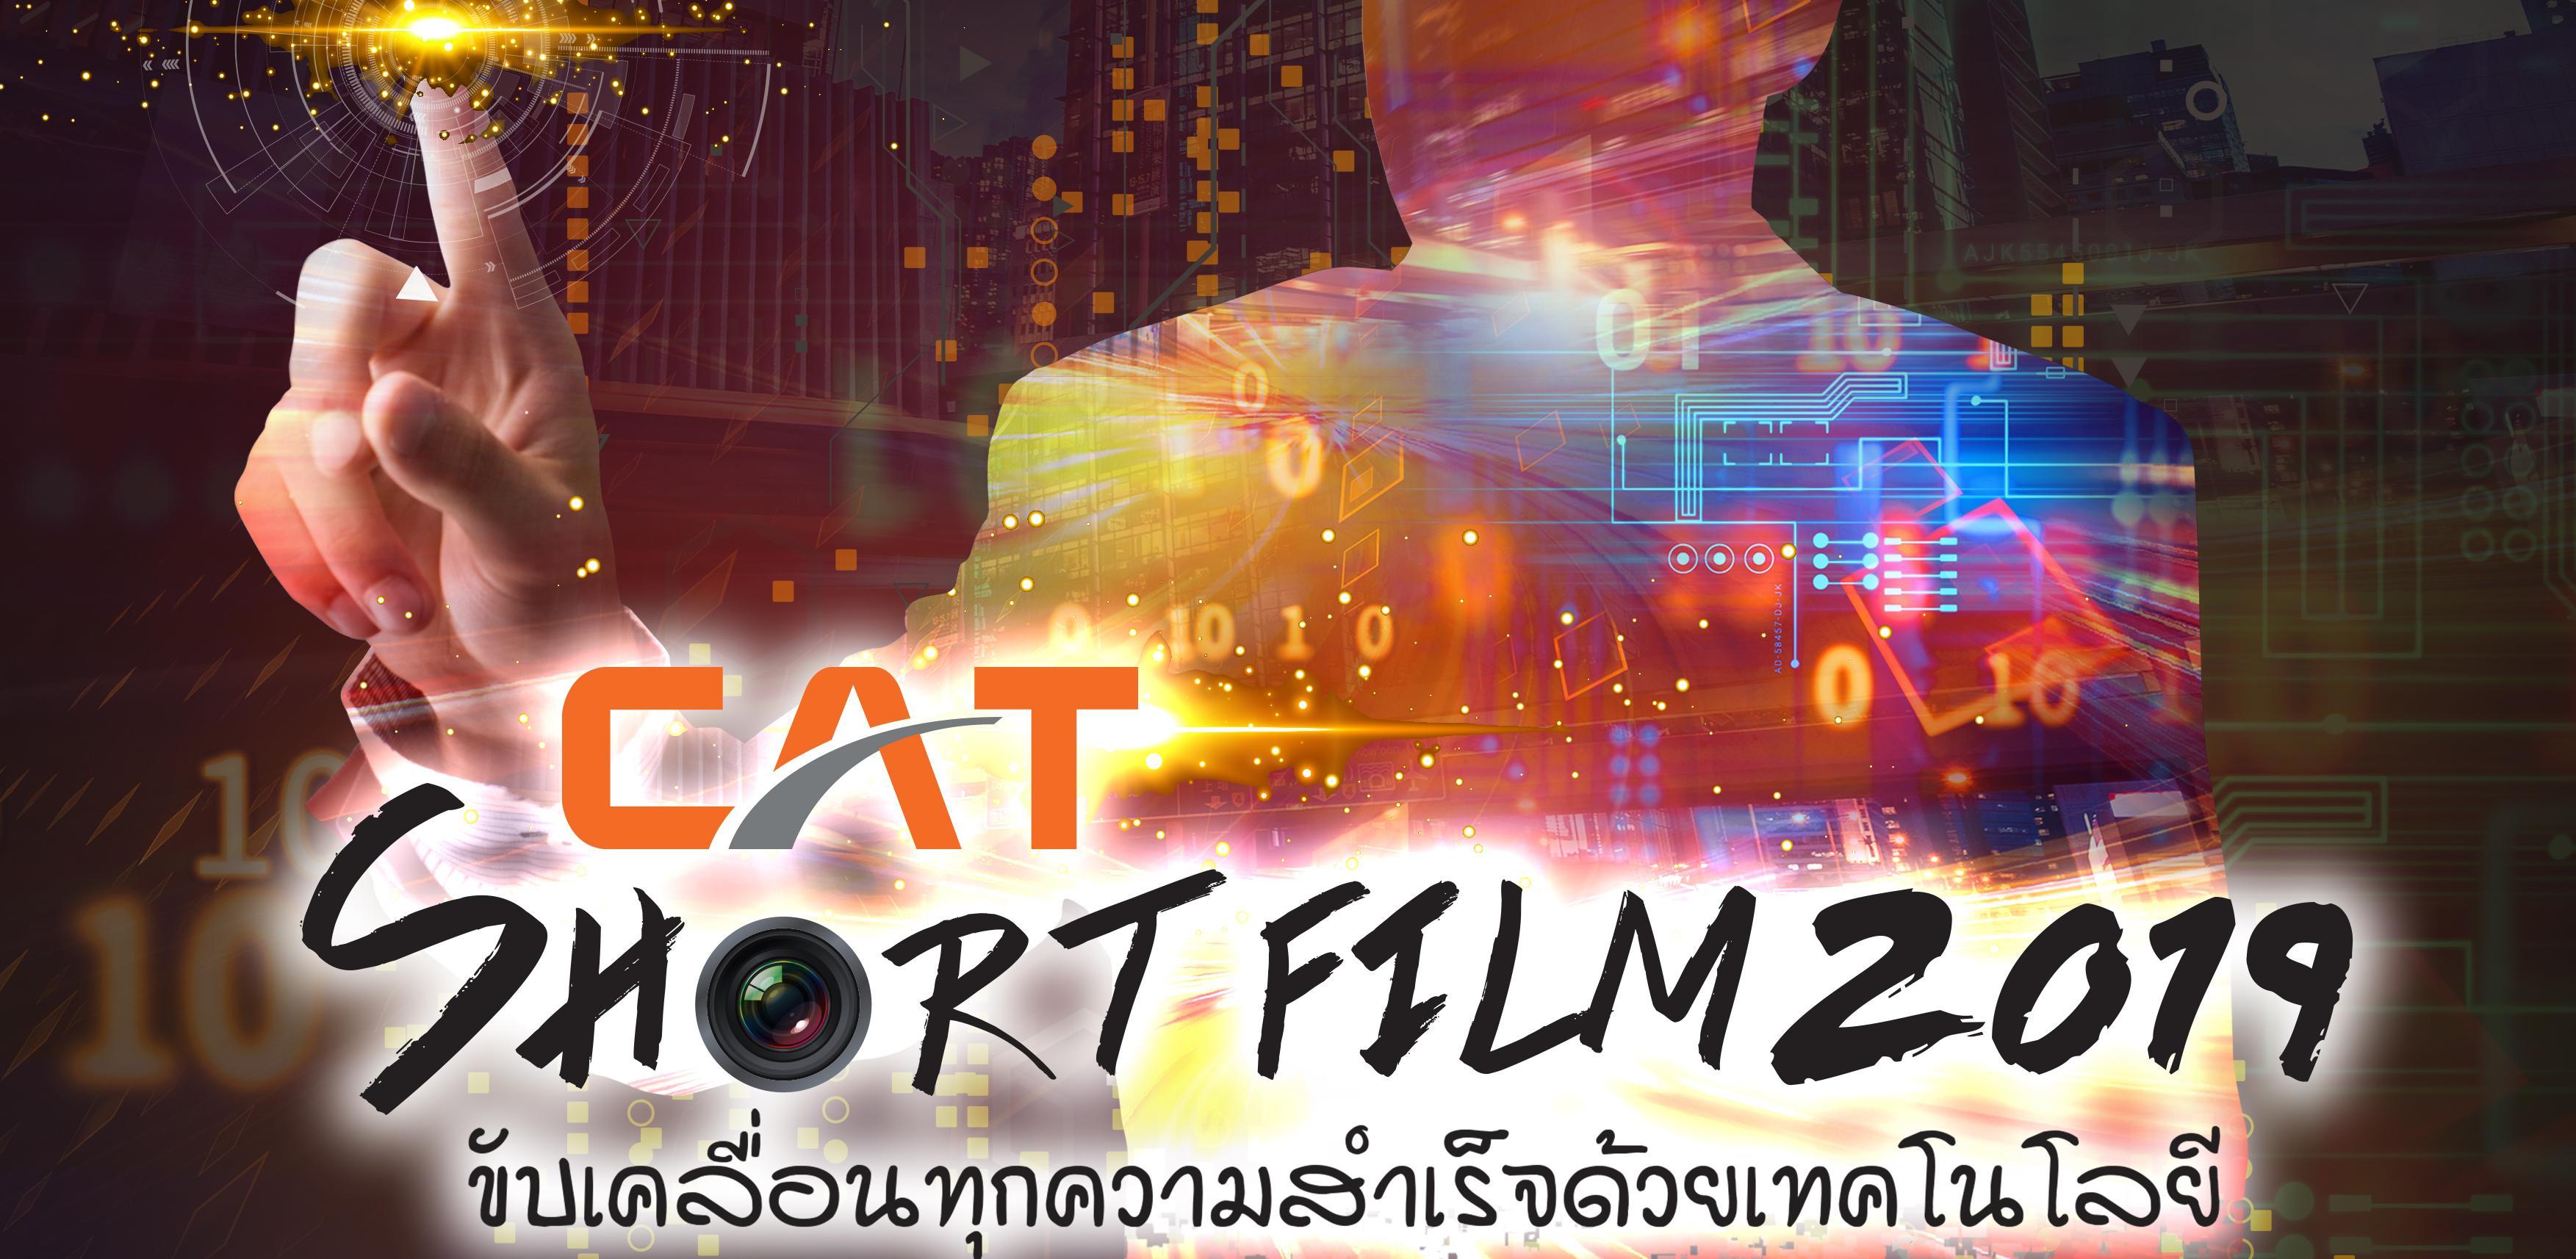 โครงการประกวดหนังสั้น CAT Short Film 2019